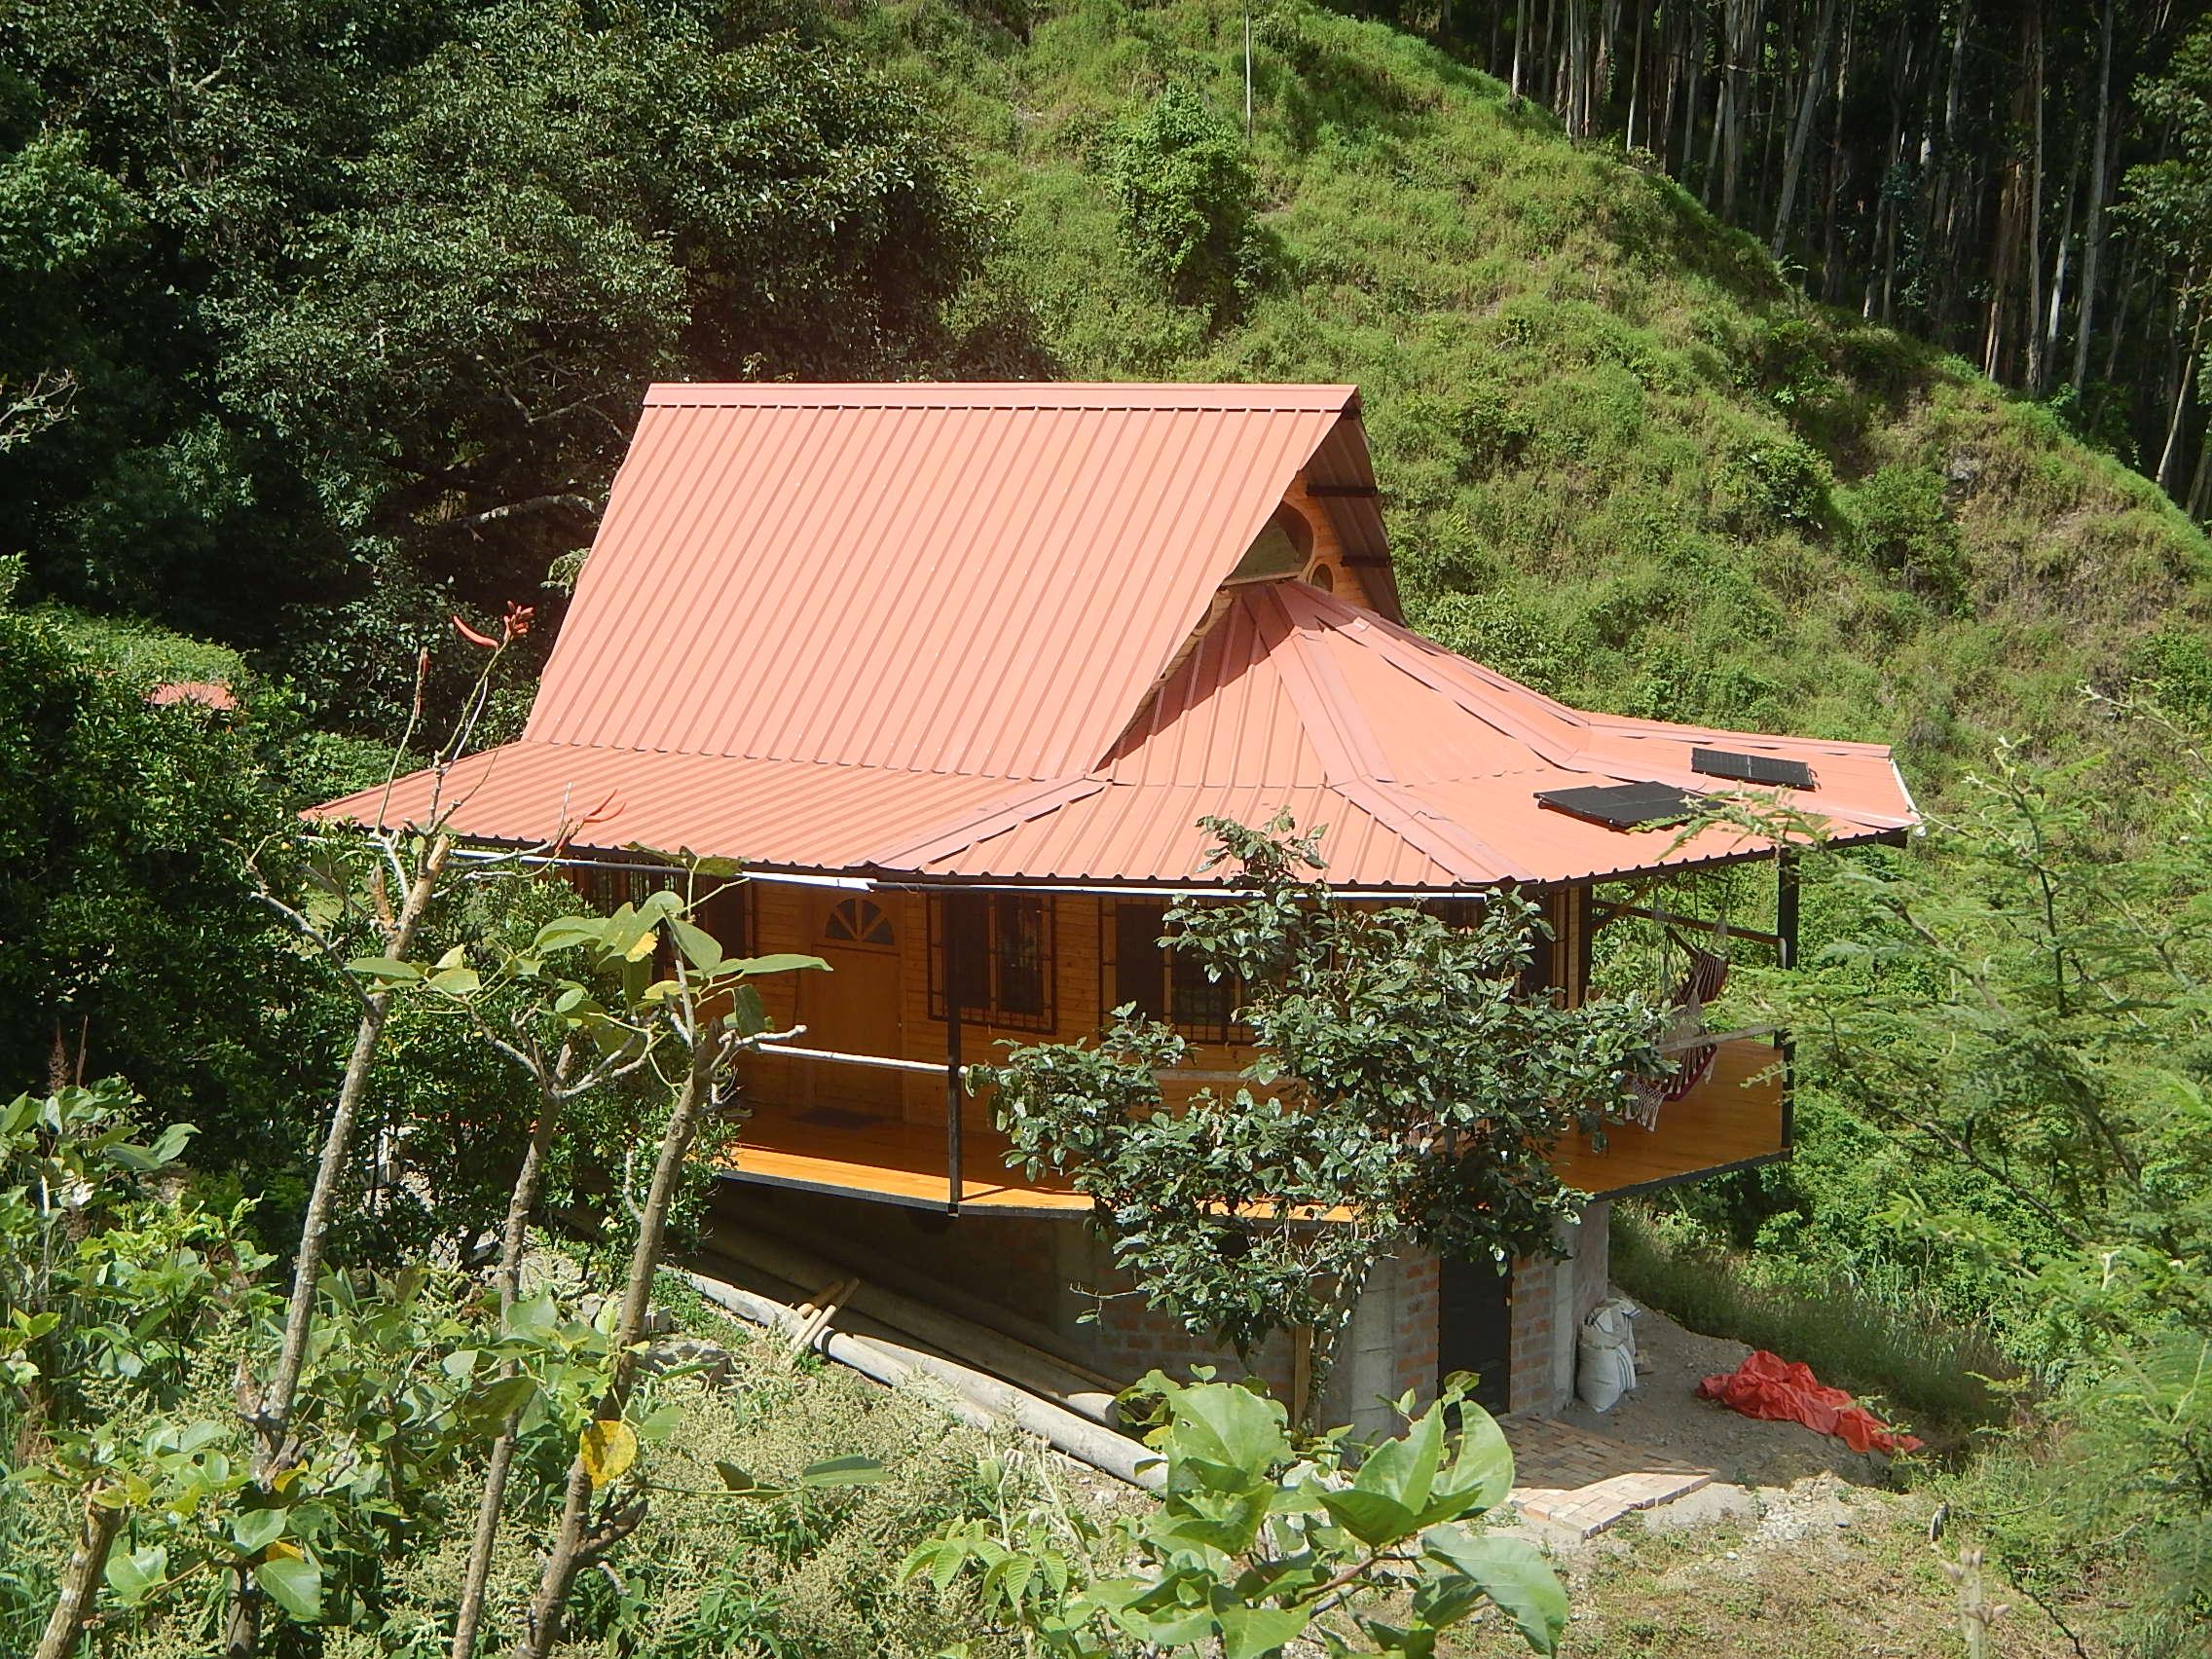 Our Friends' Ecuadorian Home